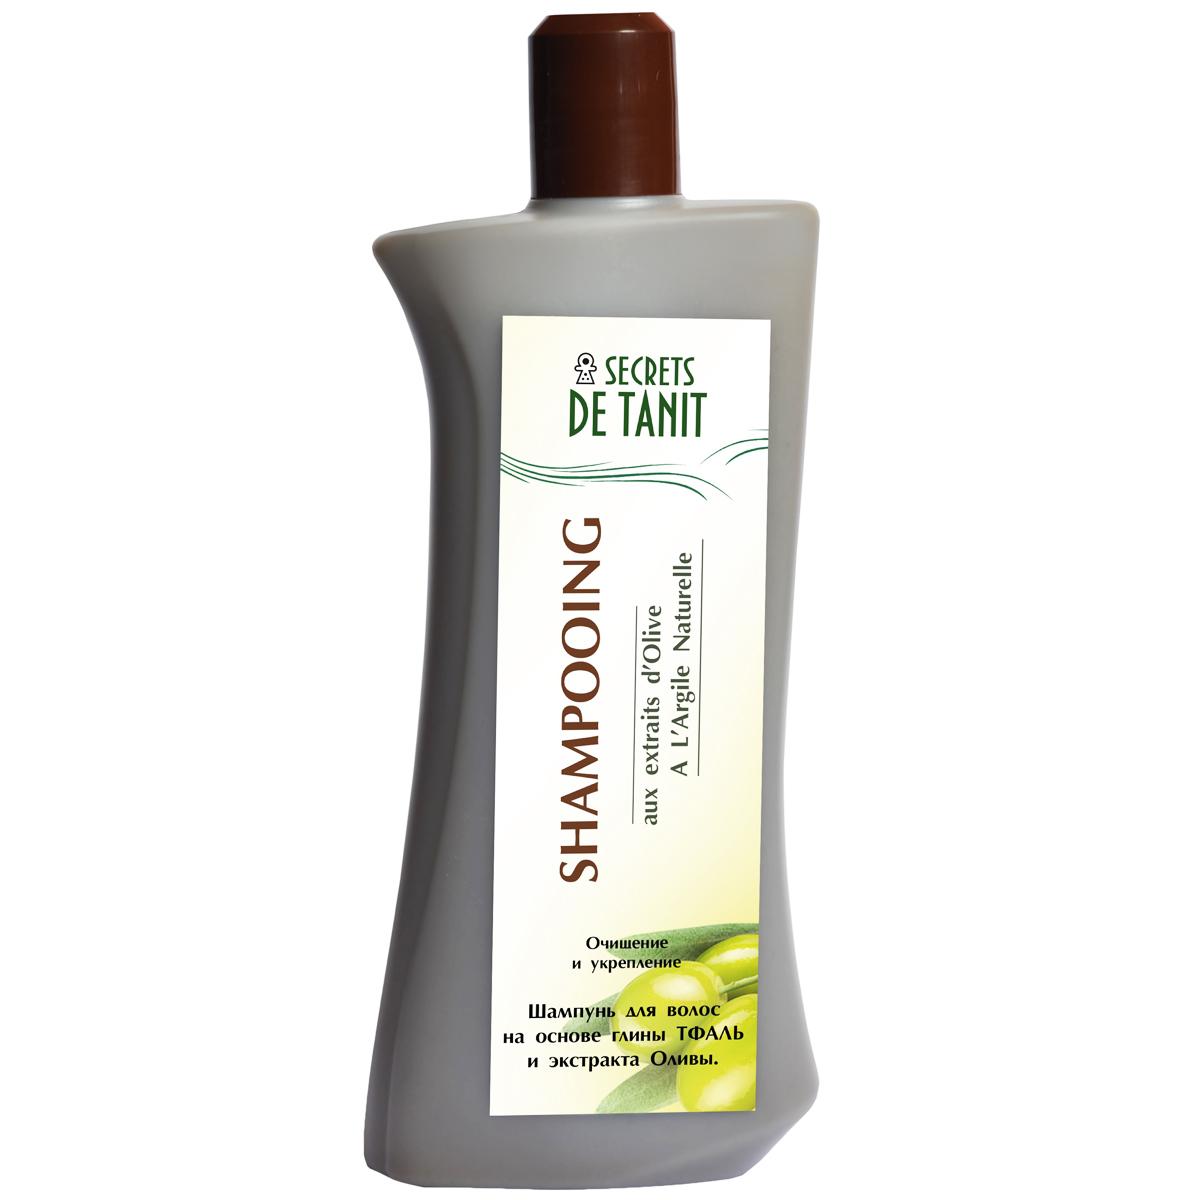 Secrets de Tanit Шампунь с Тфалью и маслом оливы, 400 мл1000020Натуральный шампунь  Secrets de Tanitна основе глины Тфаль(Гассуль ) вулканического происхождения деликатно очищает волосы от загрязнений и осуществляетделикатный пилинг кожи головы. Масло оливы, входящее в состав шампуня, питает волосы, насыщает витаминами А, Е,защищает волосы от негативного воздействия окружающей среды. В результате мытья волосыуплотняются, приобретают блеск и сияние.